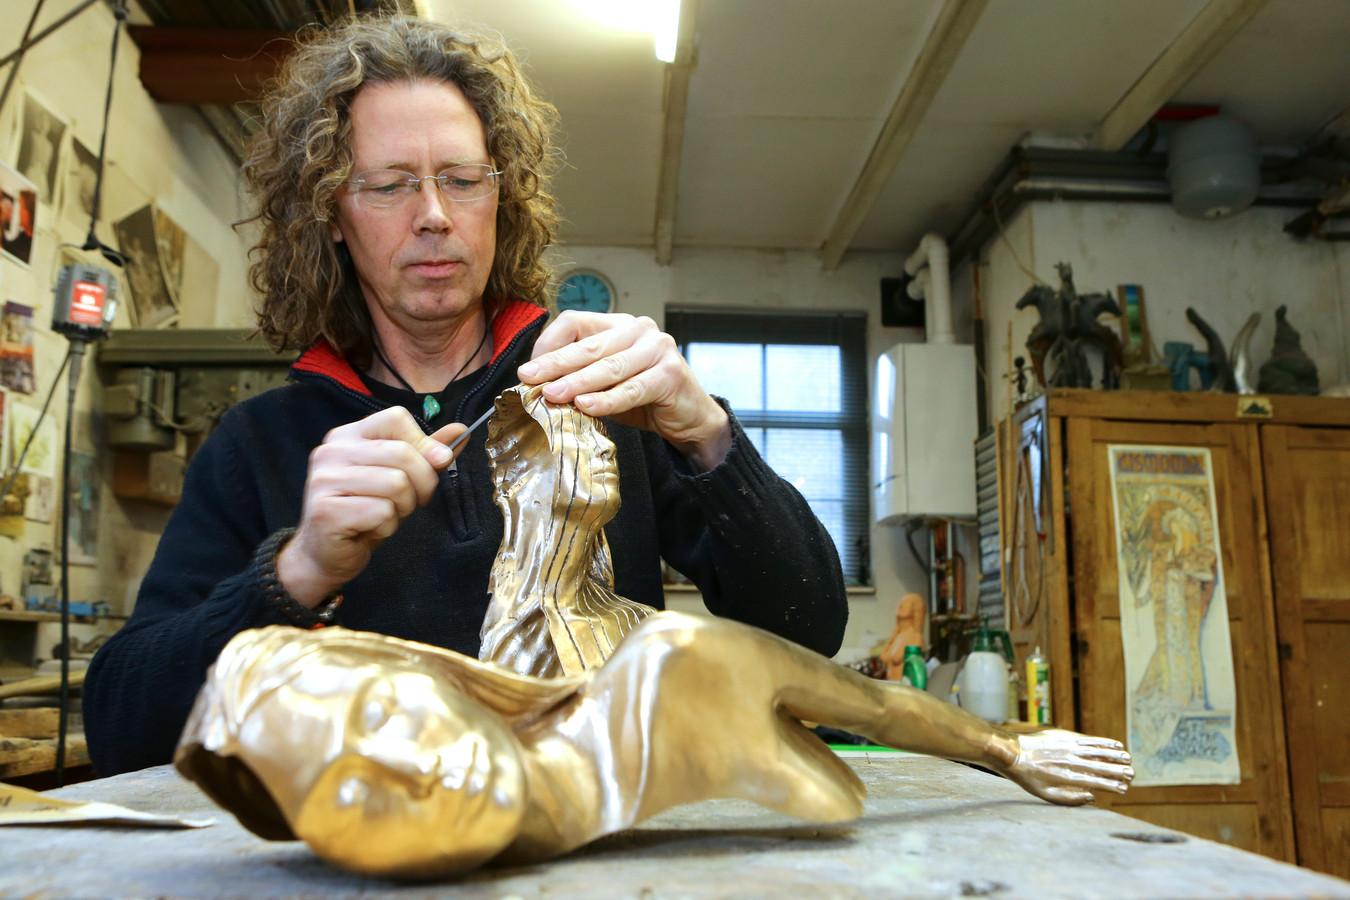 Beeldhouwer Richard van der Koppel aan t werk in zijn atelier. Het beeld waaraan hij werkt is niet dat van de Merwedegijzelaars.